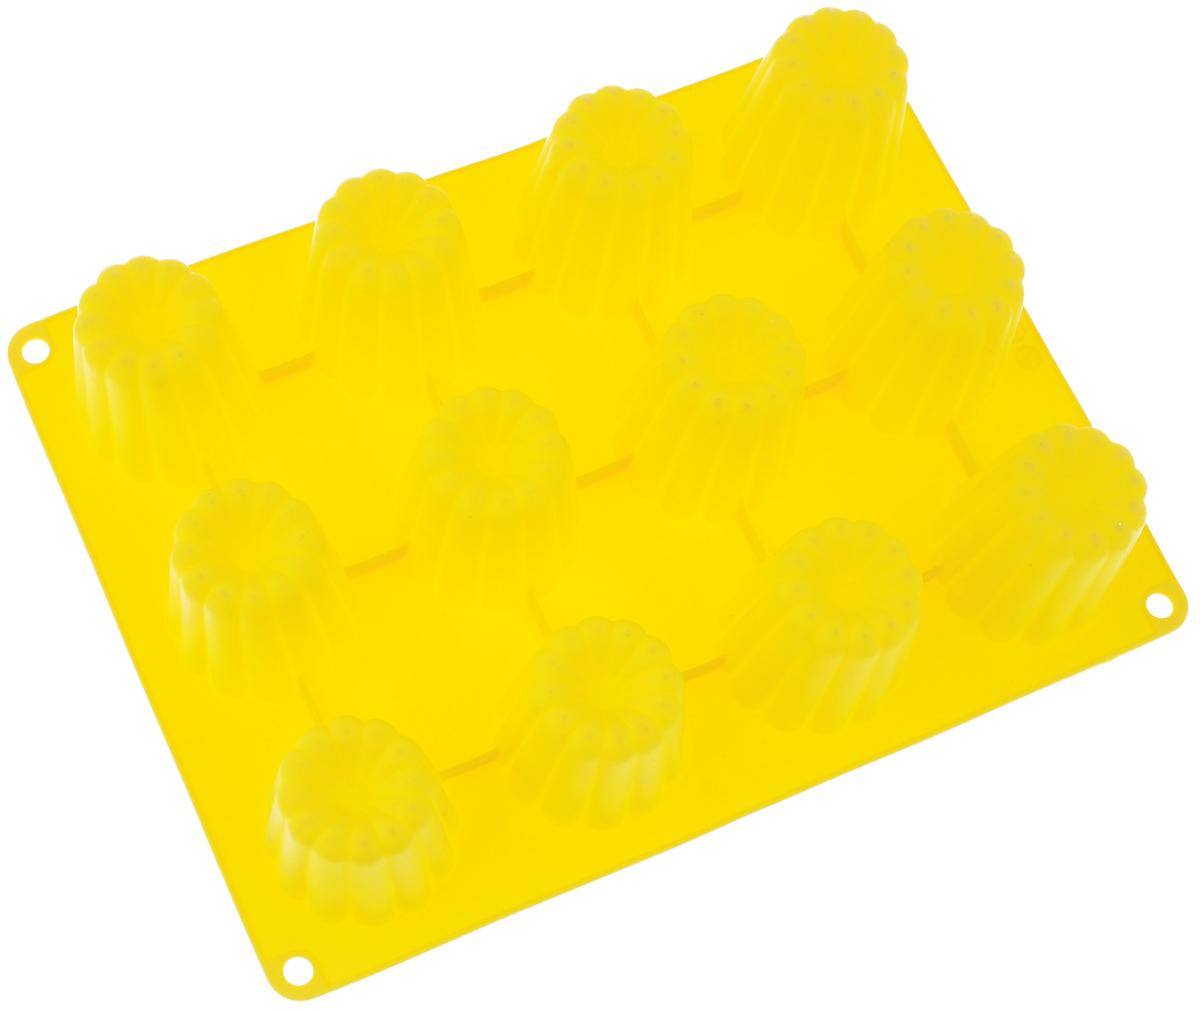 Форма для выпечки Taller Кекс, цвет: желтый, 12 ячеекTR-6211_желтыйФорма для выпечки Taller Кекс изготовлена из высококачественного силикона. Изделия из силикона выдерживают температуру от -20°С до +220°С, очень удобны в использовании: пища в них не пригорает и не прилипает к стенкам, форма легко моется. Форма обладает эластичными свойствами: складывается без изломов, восстанавливает свою первоначальную форму. Форма содержит 12 одинаковых ячеек. Порадуйте своих родных и близких любимой выпечкой в необычном исполнении. Подходит для приготовления в микроволновой печи и духовом шкафу при нагревании до +220°С; для замораживания до -20°С и чистки в посудомоечной машине. Размер формы: 29 х 22 см. Размер ячейки: 5,2 х 5,2 см. Высота стенок: 5 см. Количество ячеек: 12 шт.